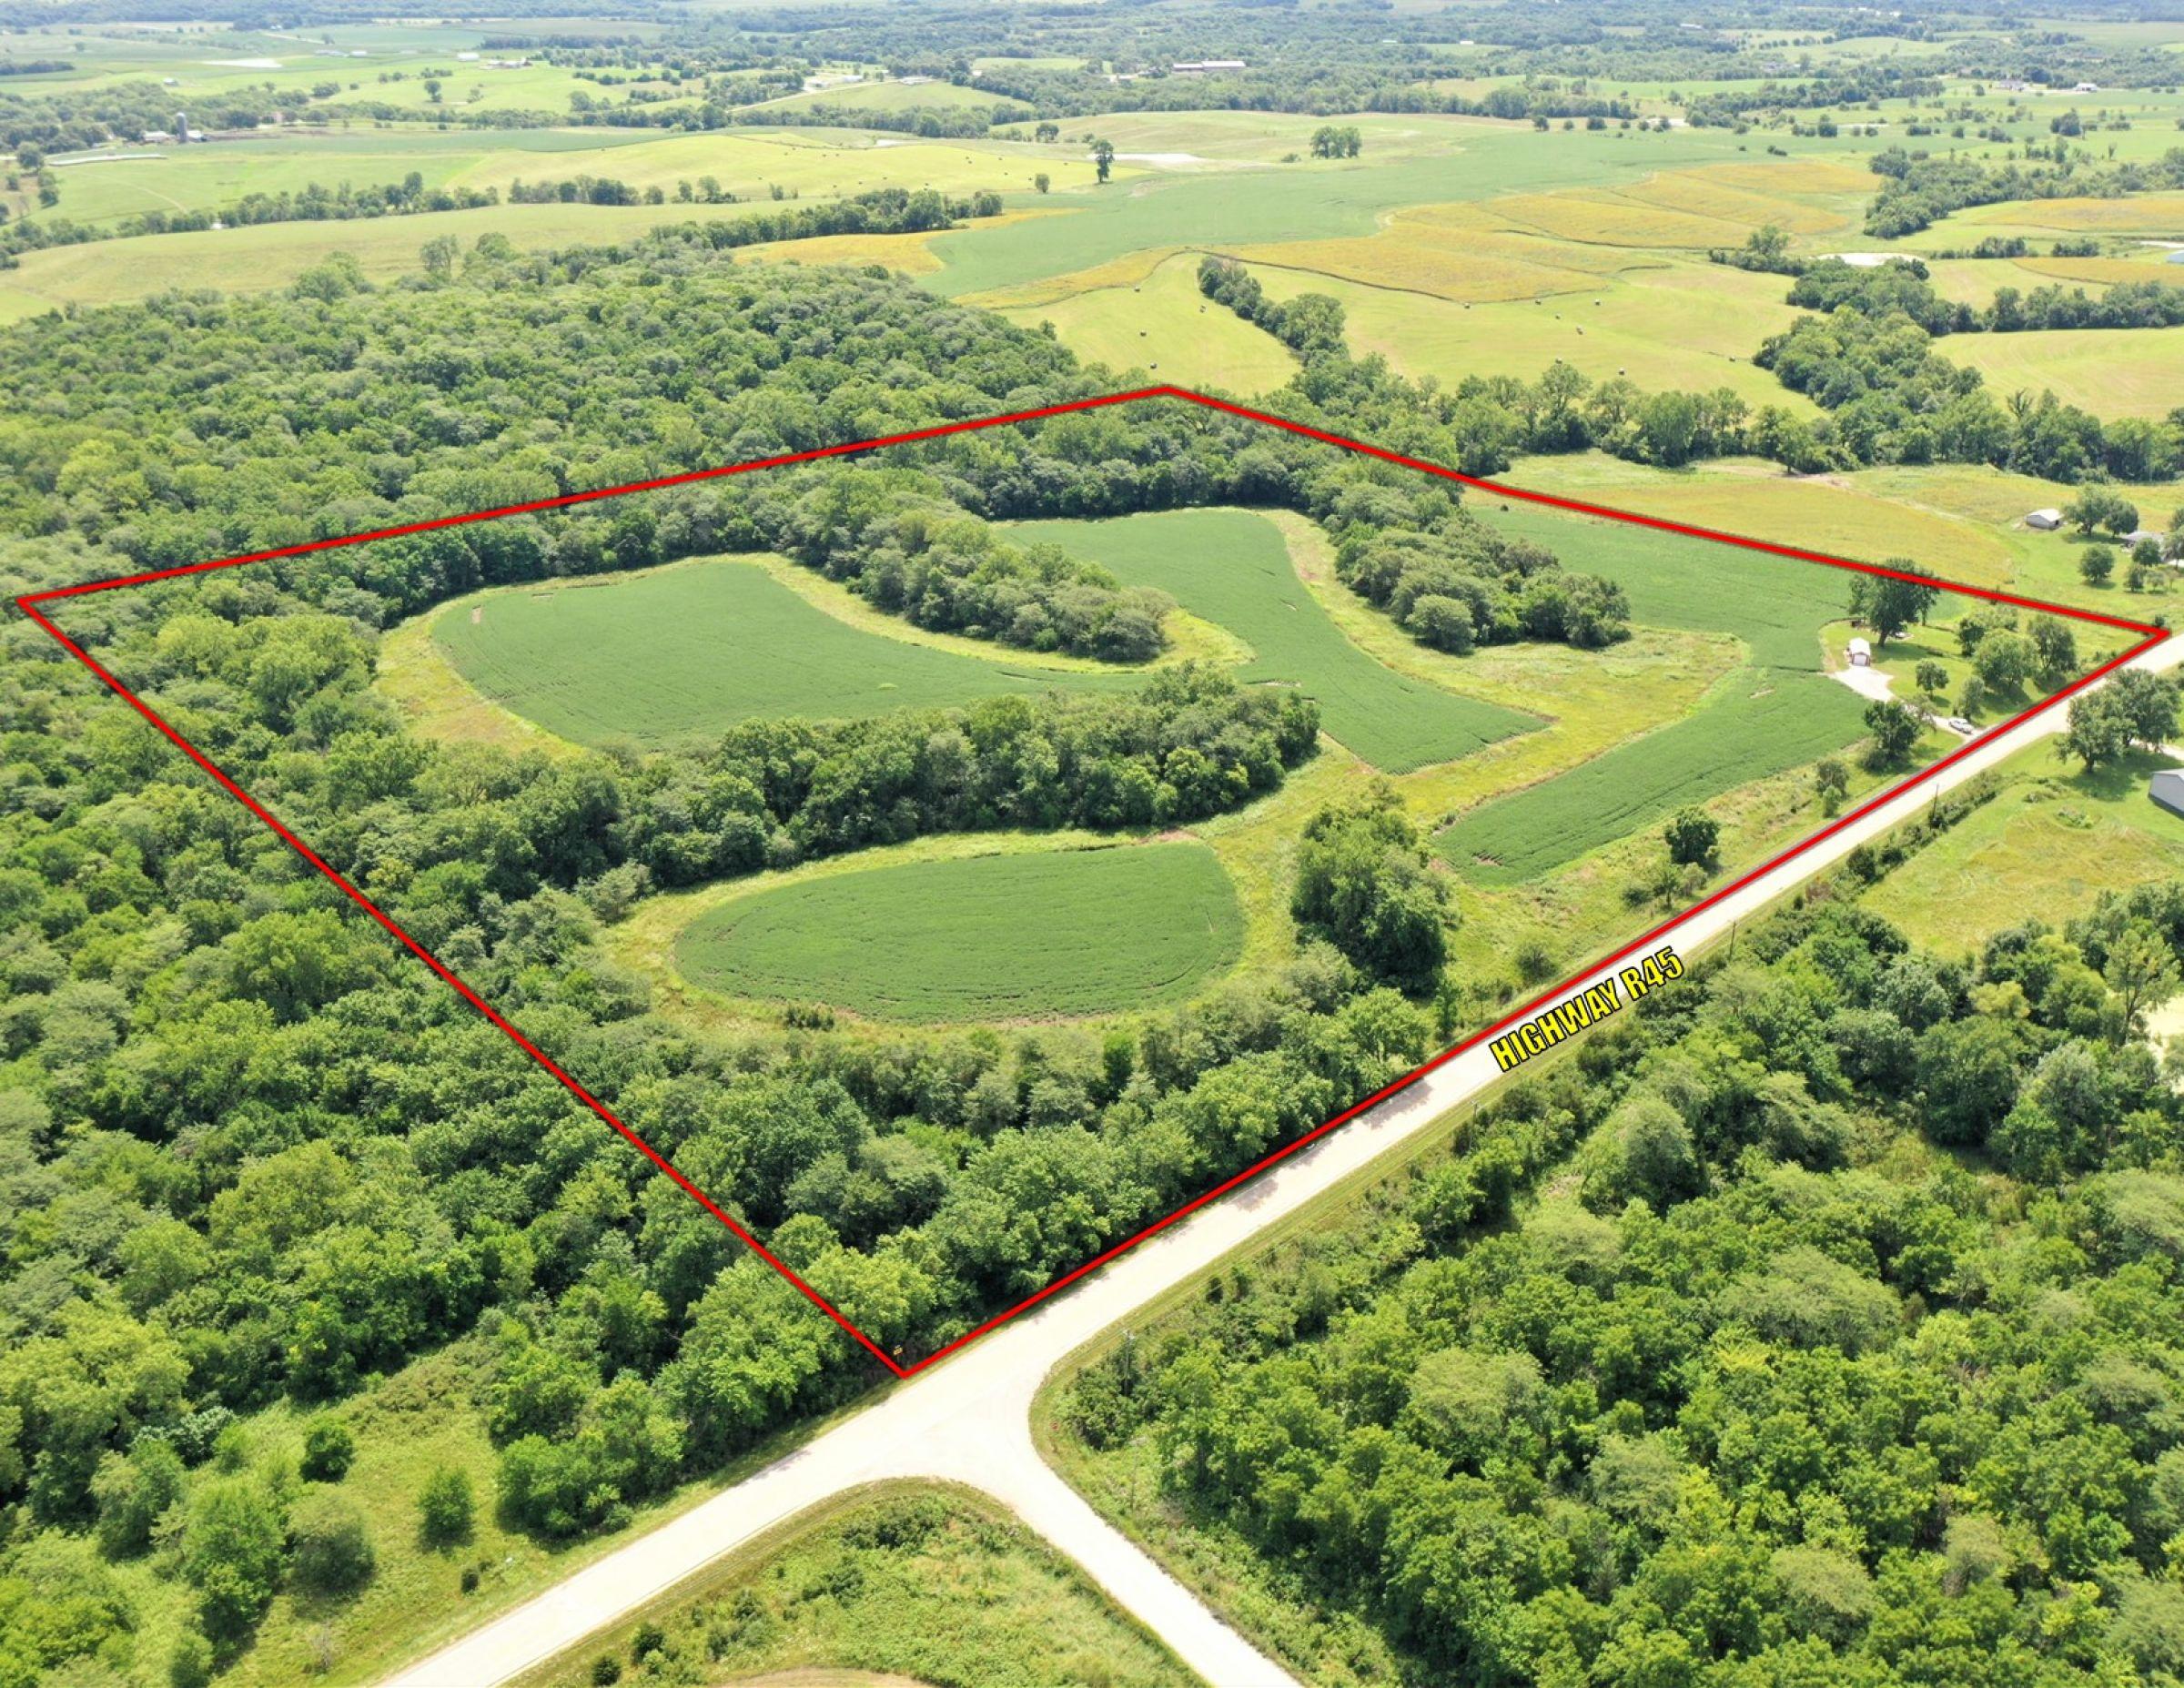 warren-county-iowa-40-acres-listing-number-15145-0-2020-08-28-144222.jpg